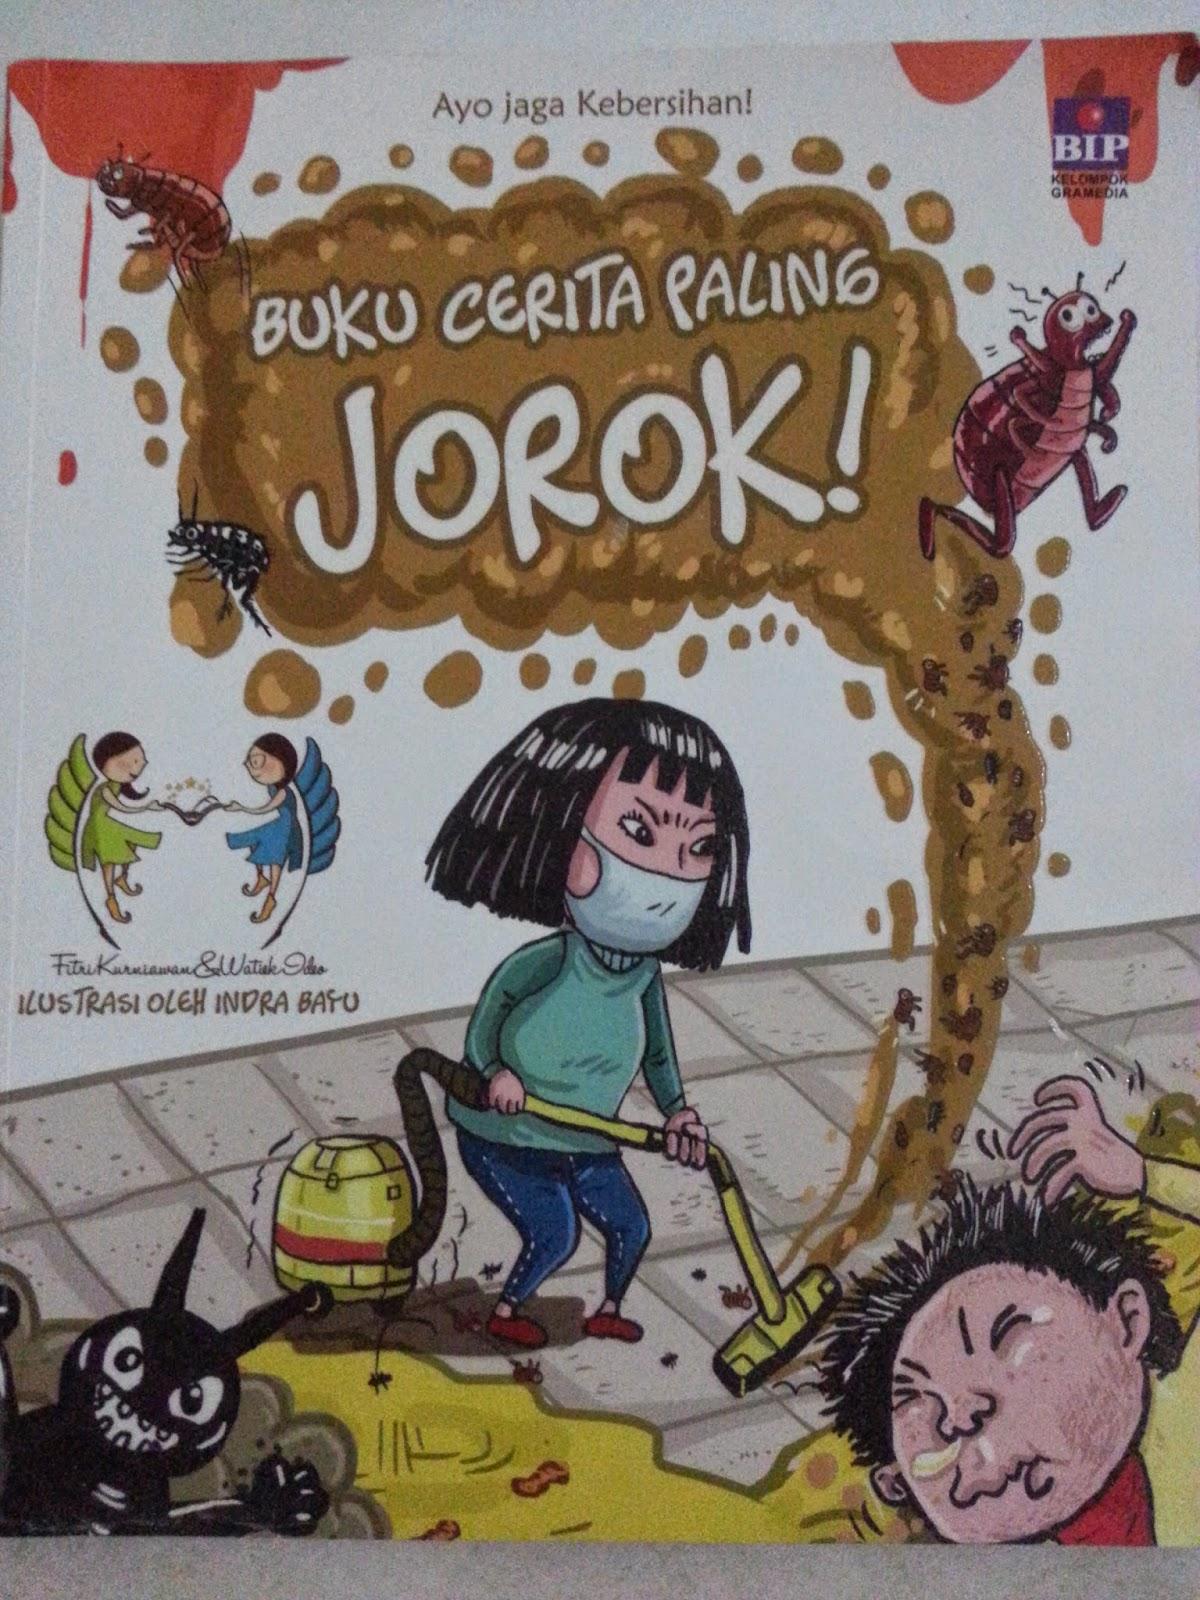 Resensi Buku Cerita Paling Jorok!